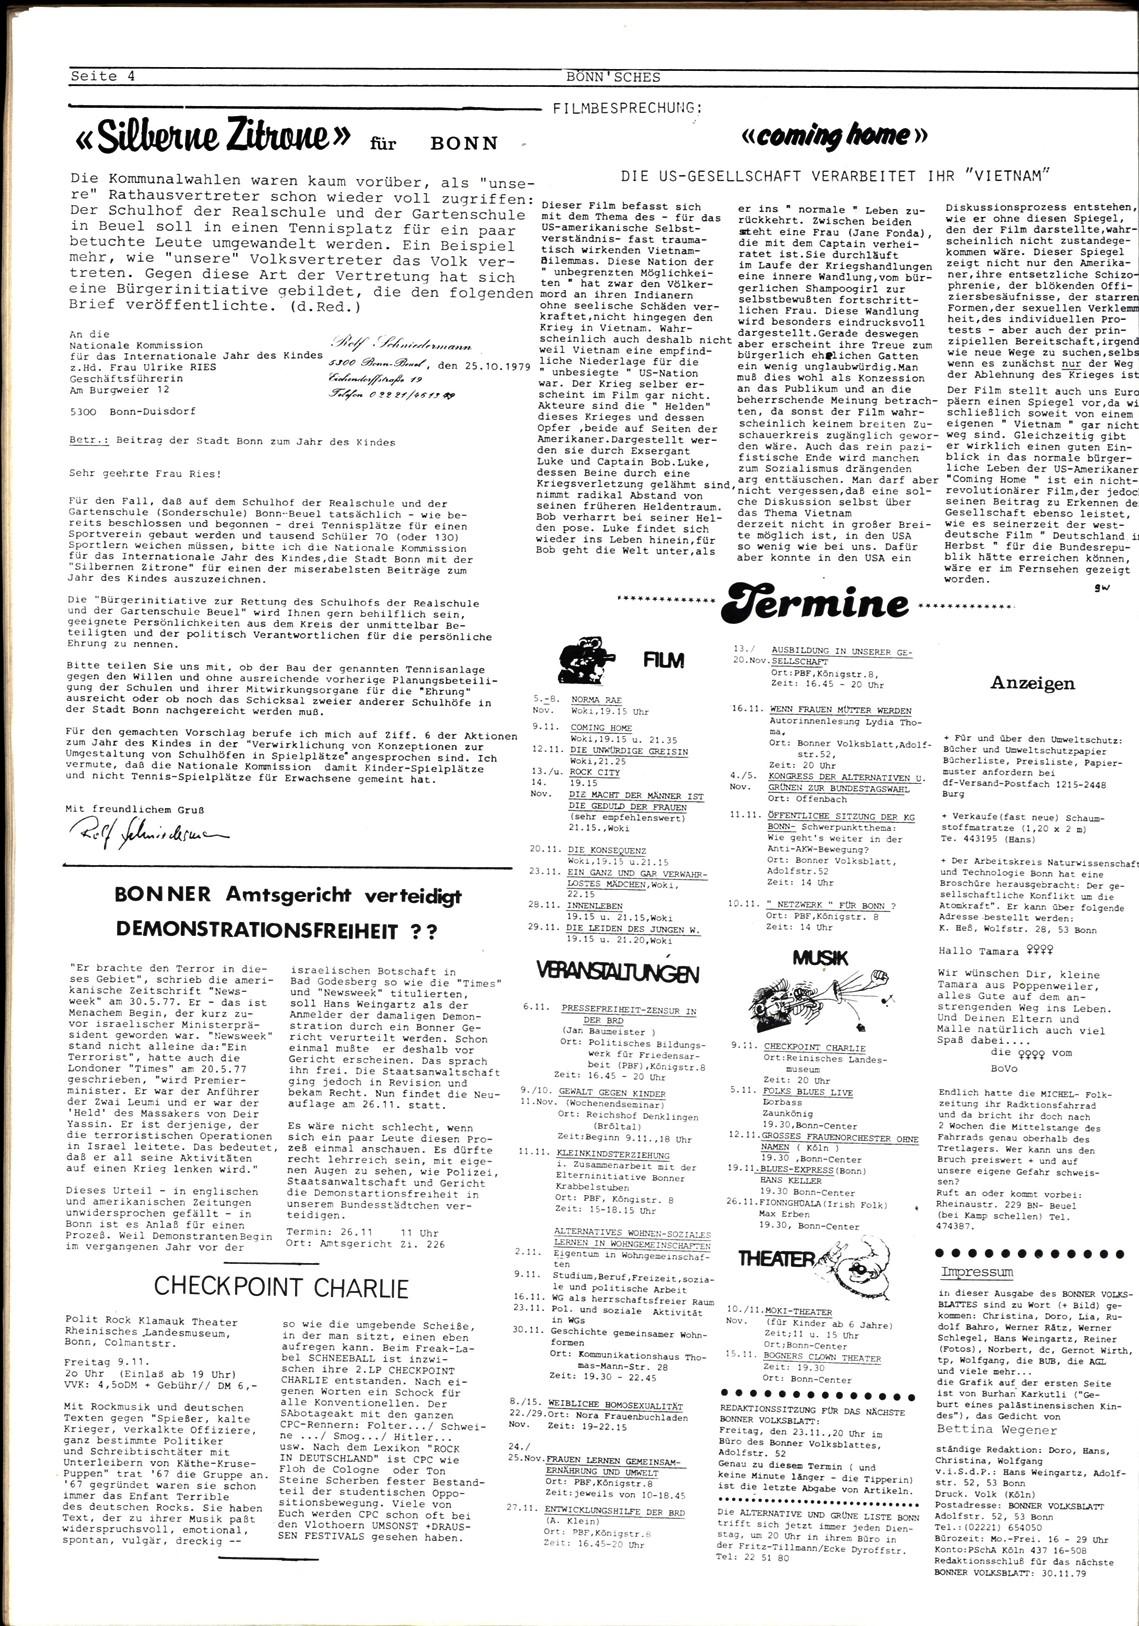 Bonner_Volksblatt_29_19791031_04